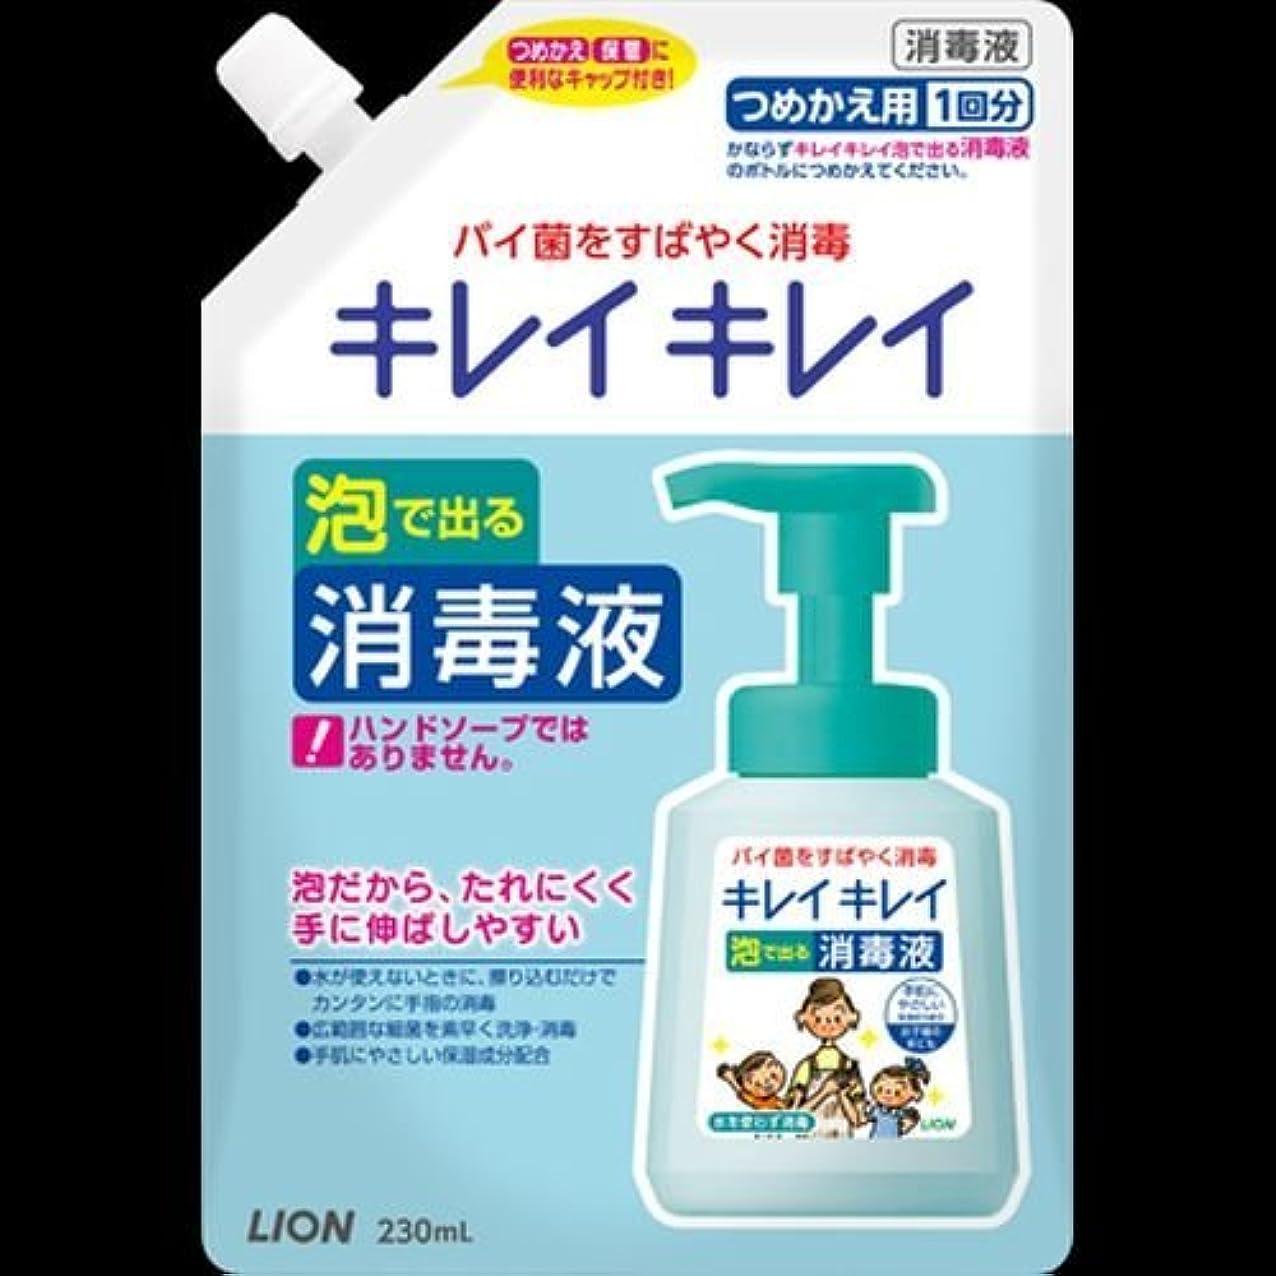 揺れる世界記録のギネスブック受信キレイキレイ 薬用泡ででる消毒液 つめかえ用 230mL ×2セット